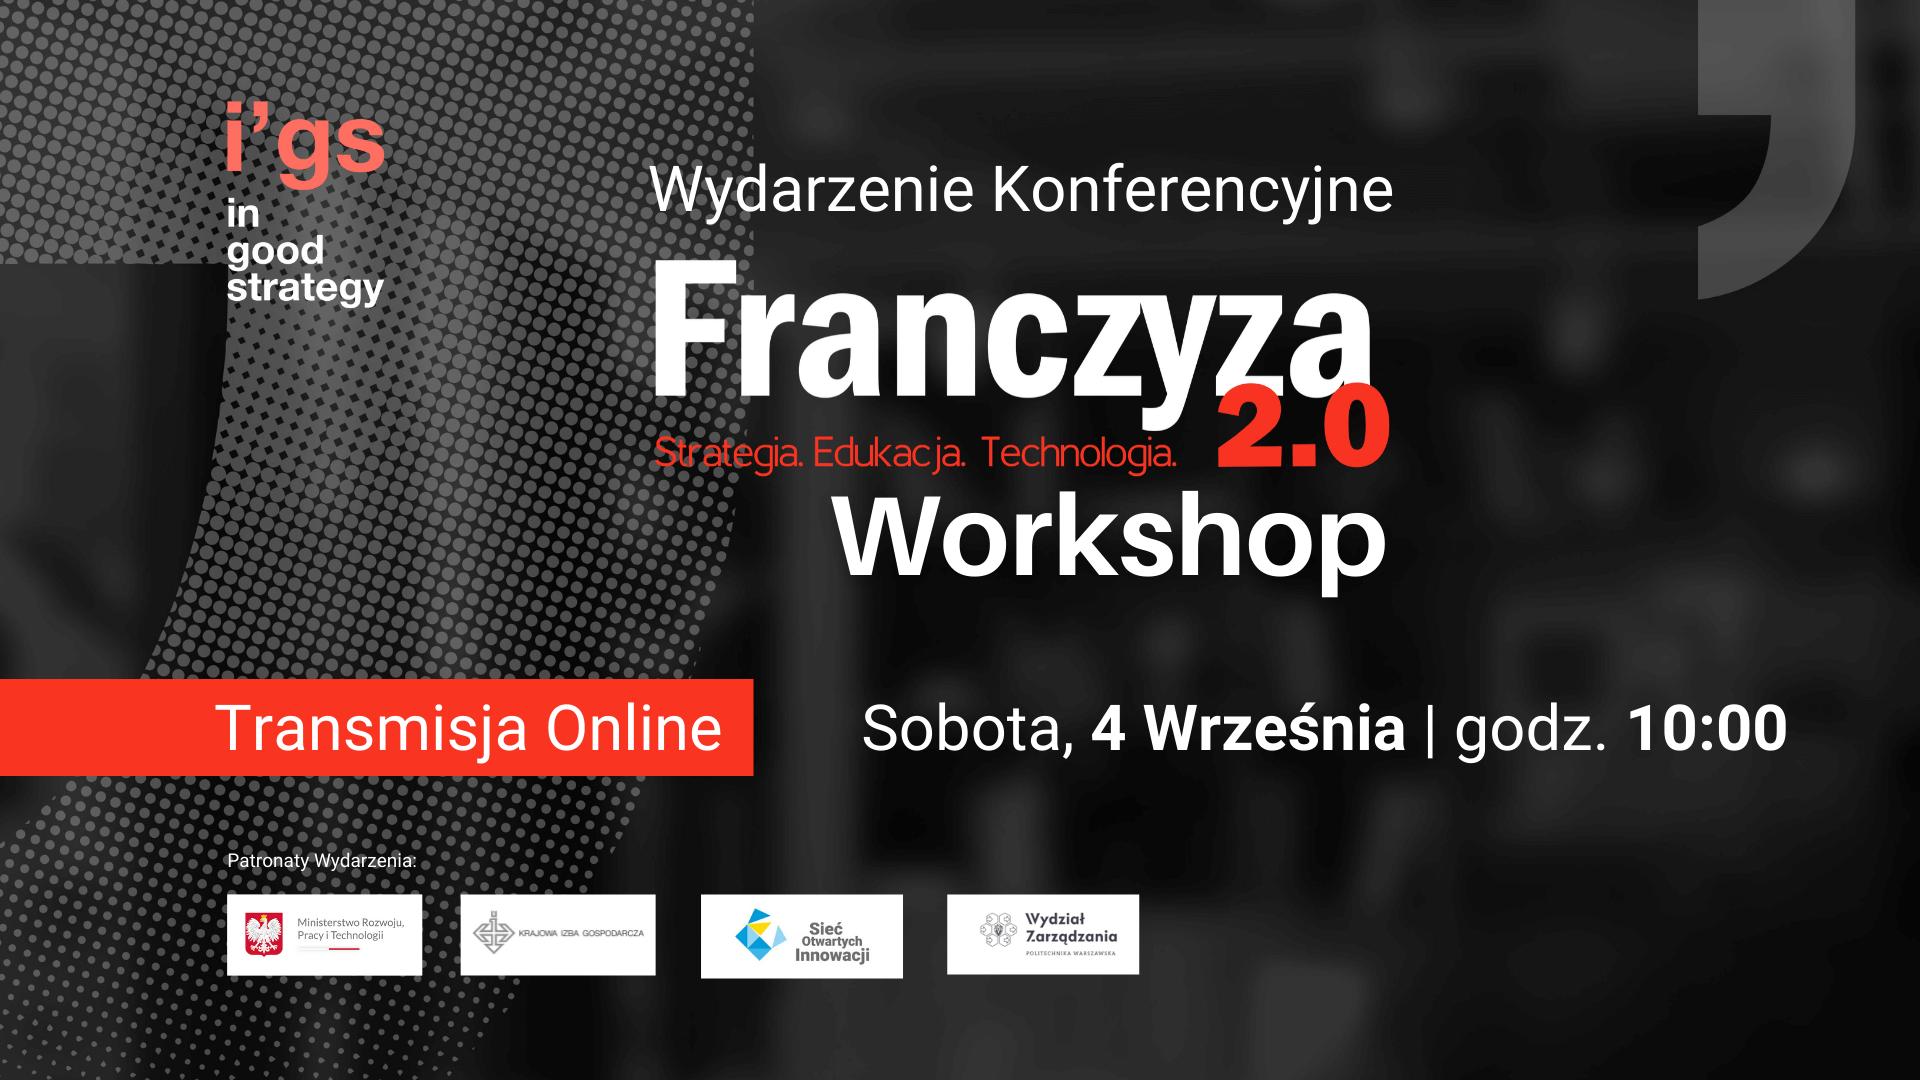 Tranmisja wydarzenia Franczyza 2.0. Workshop